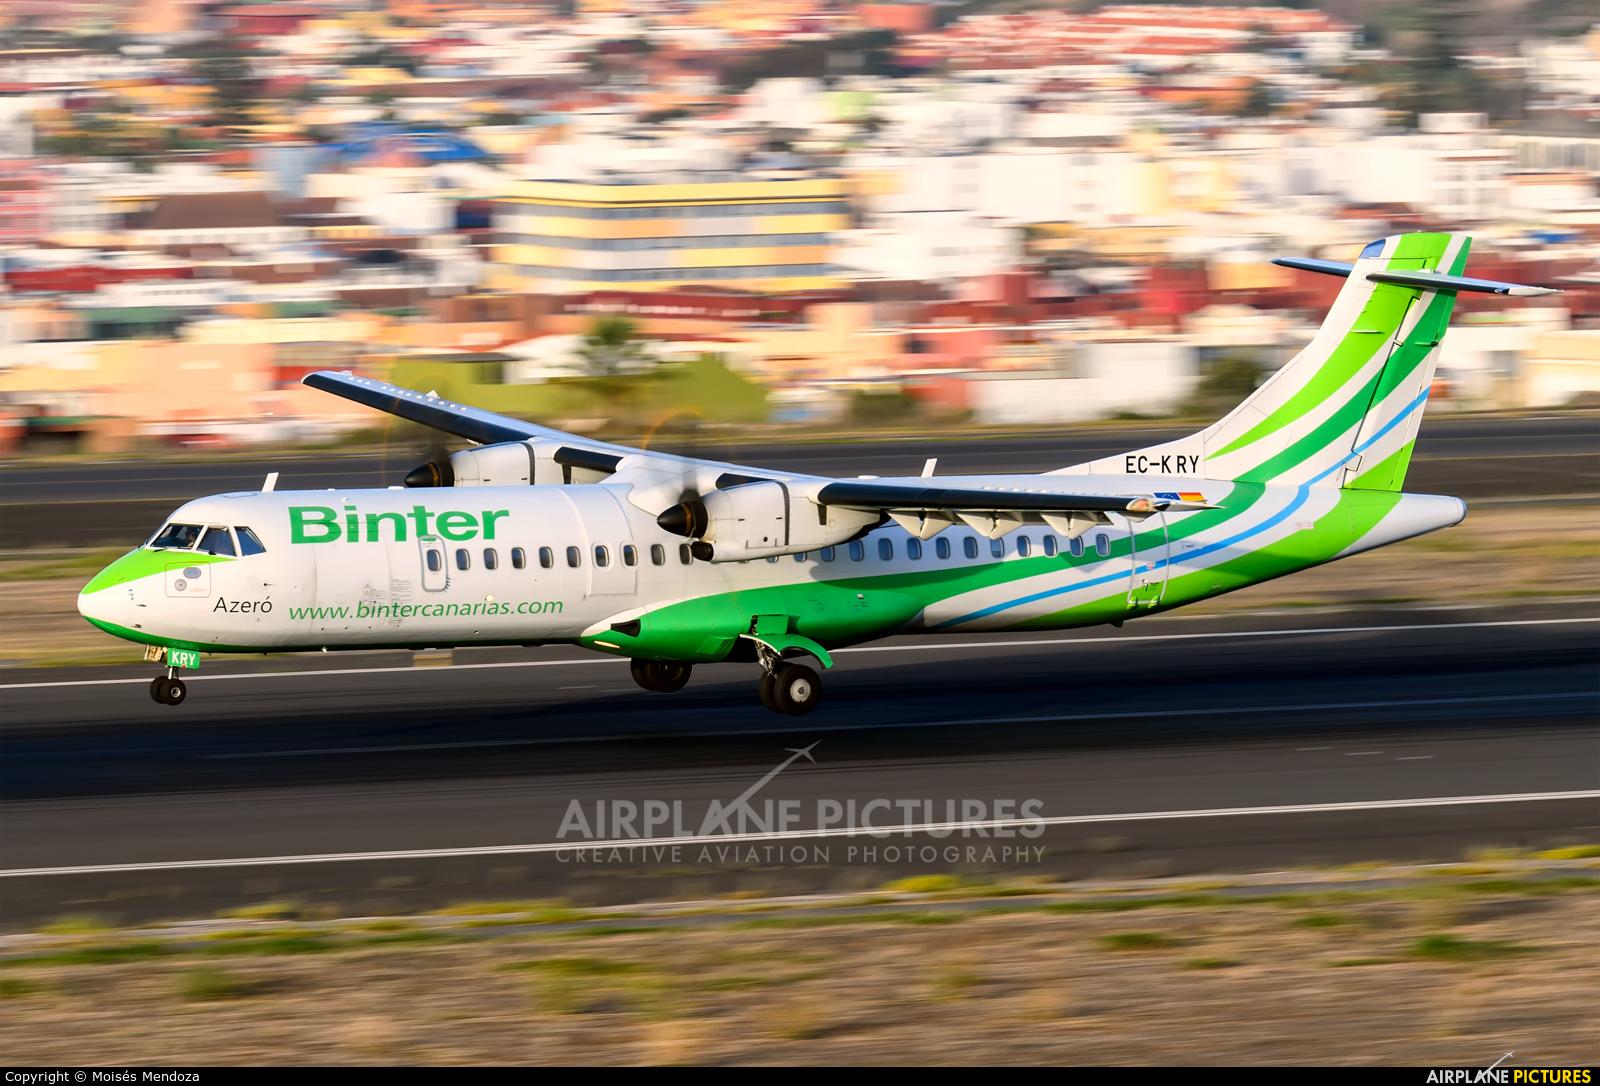 Binter Canarias EC-KRY aircraft at Tenerife Norte - Los Rodeos